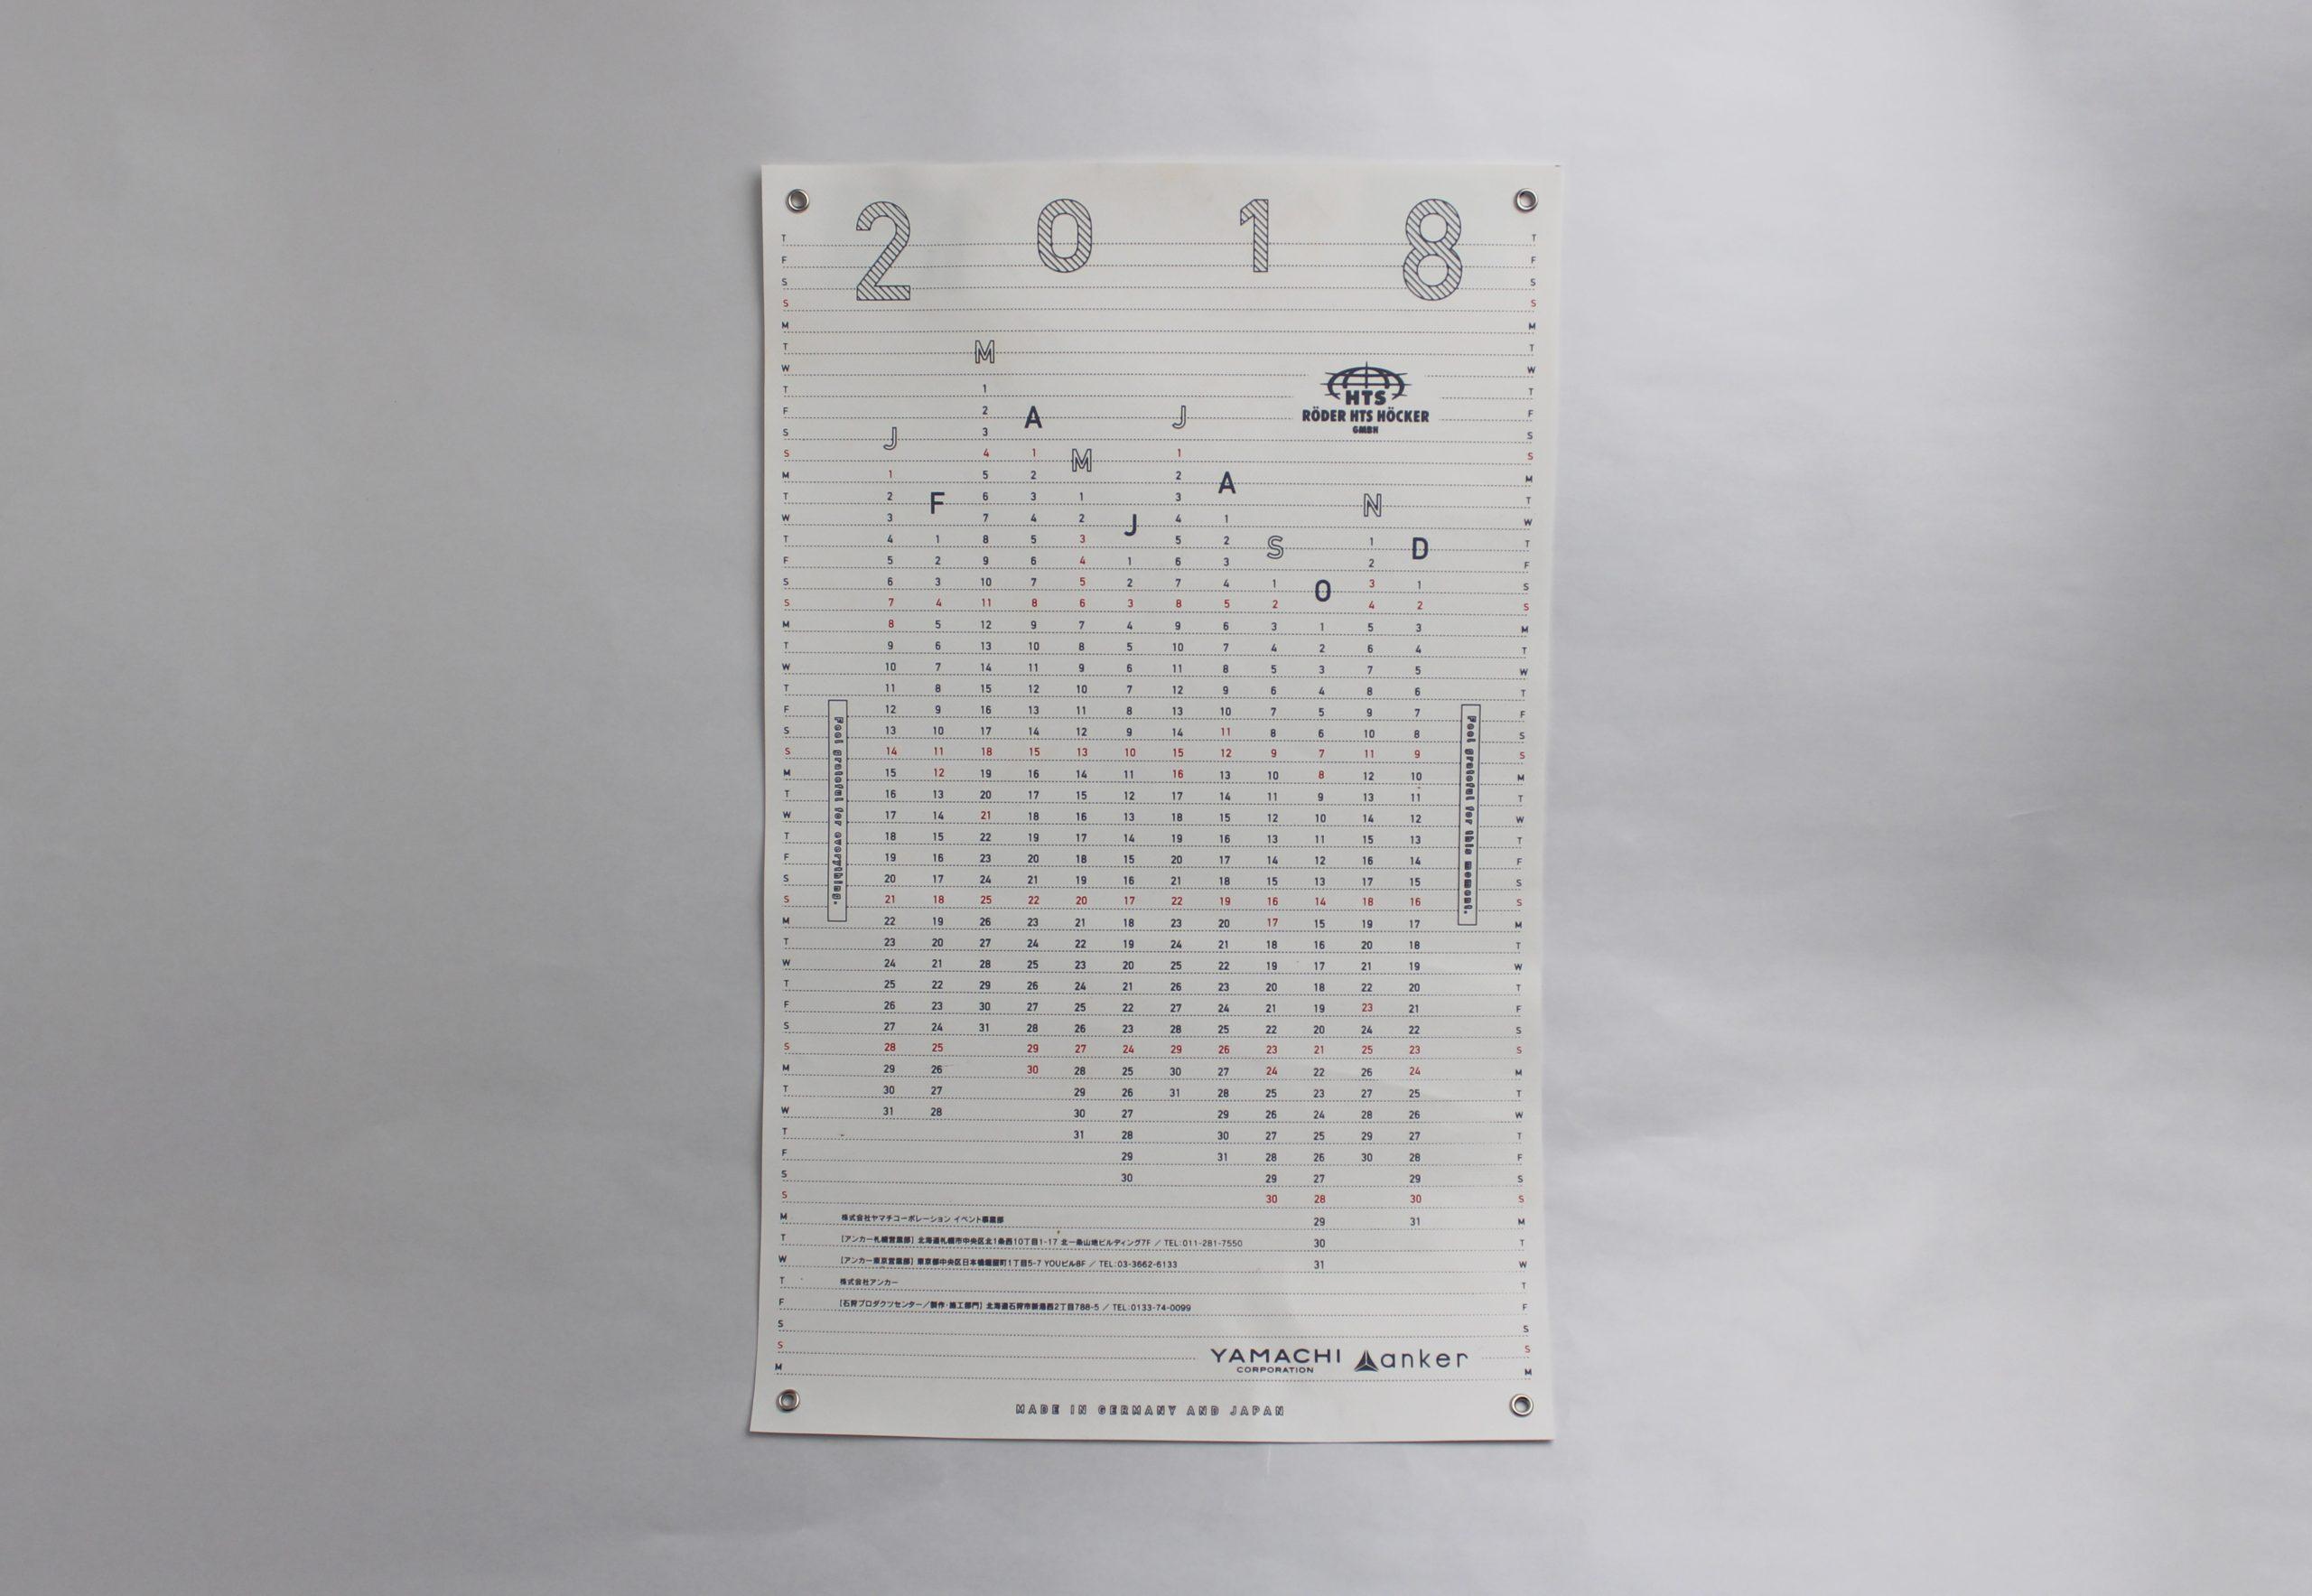 イベント事業部 2018年年末年始ご挨拶営業ツール【カレンダー】